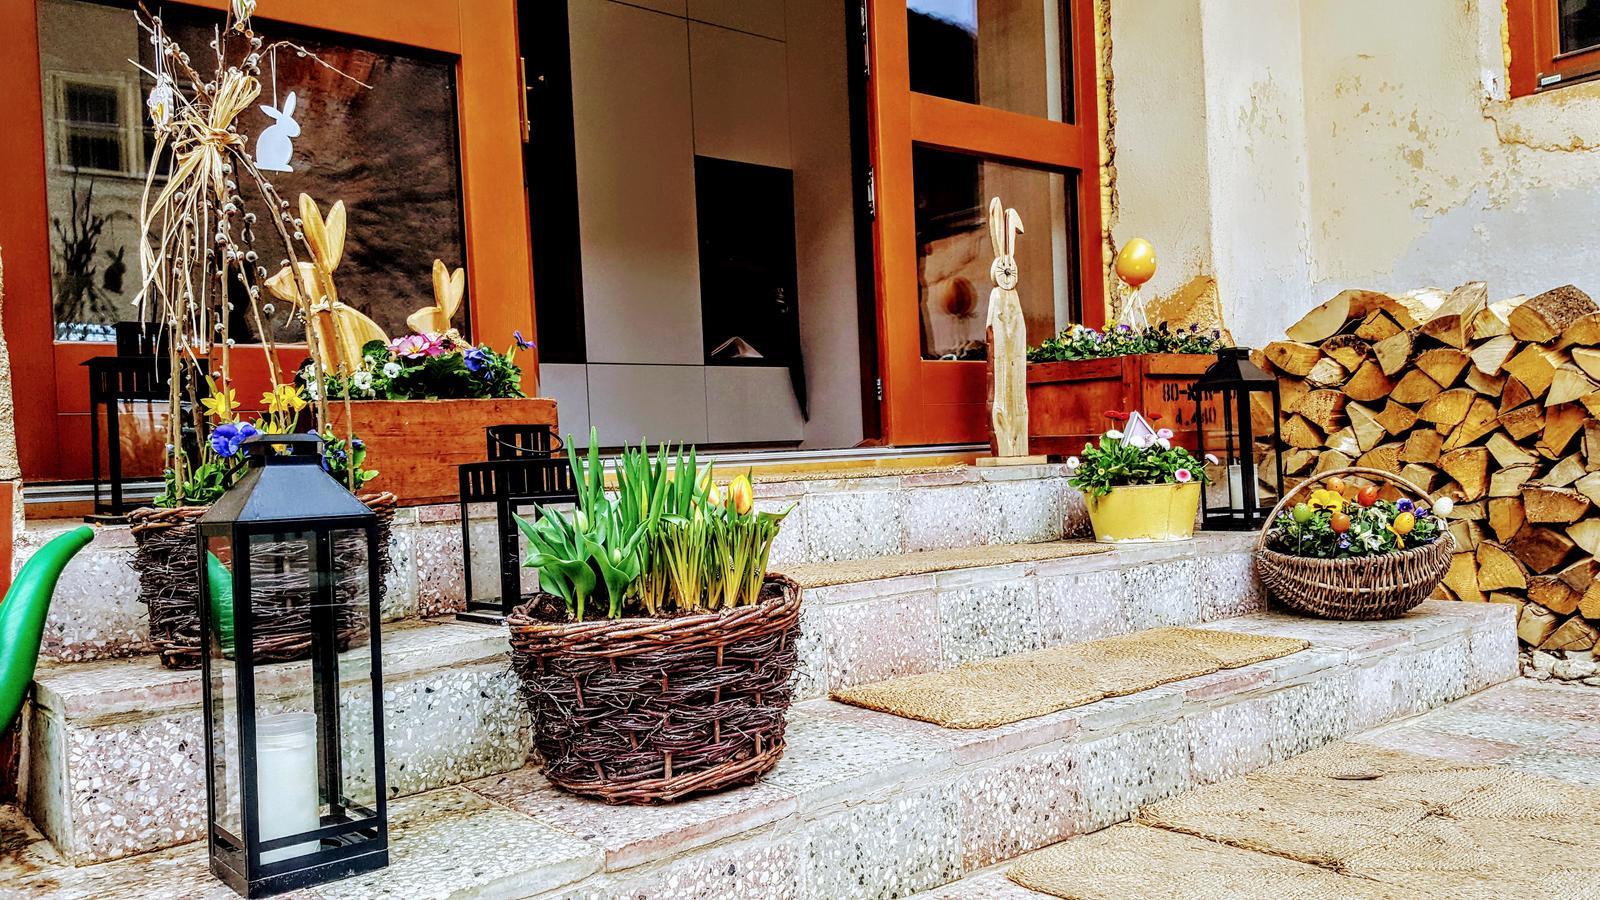 Zahrada a upravy okolo domu - aby som nedaval len hejty tak jarna vyzdoba je super.a ex bednicky na granaty su super deko :) stacilo obrusit a natriet